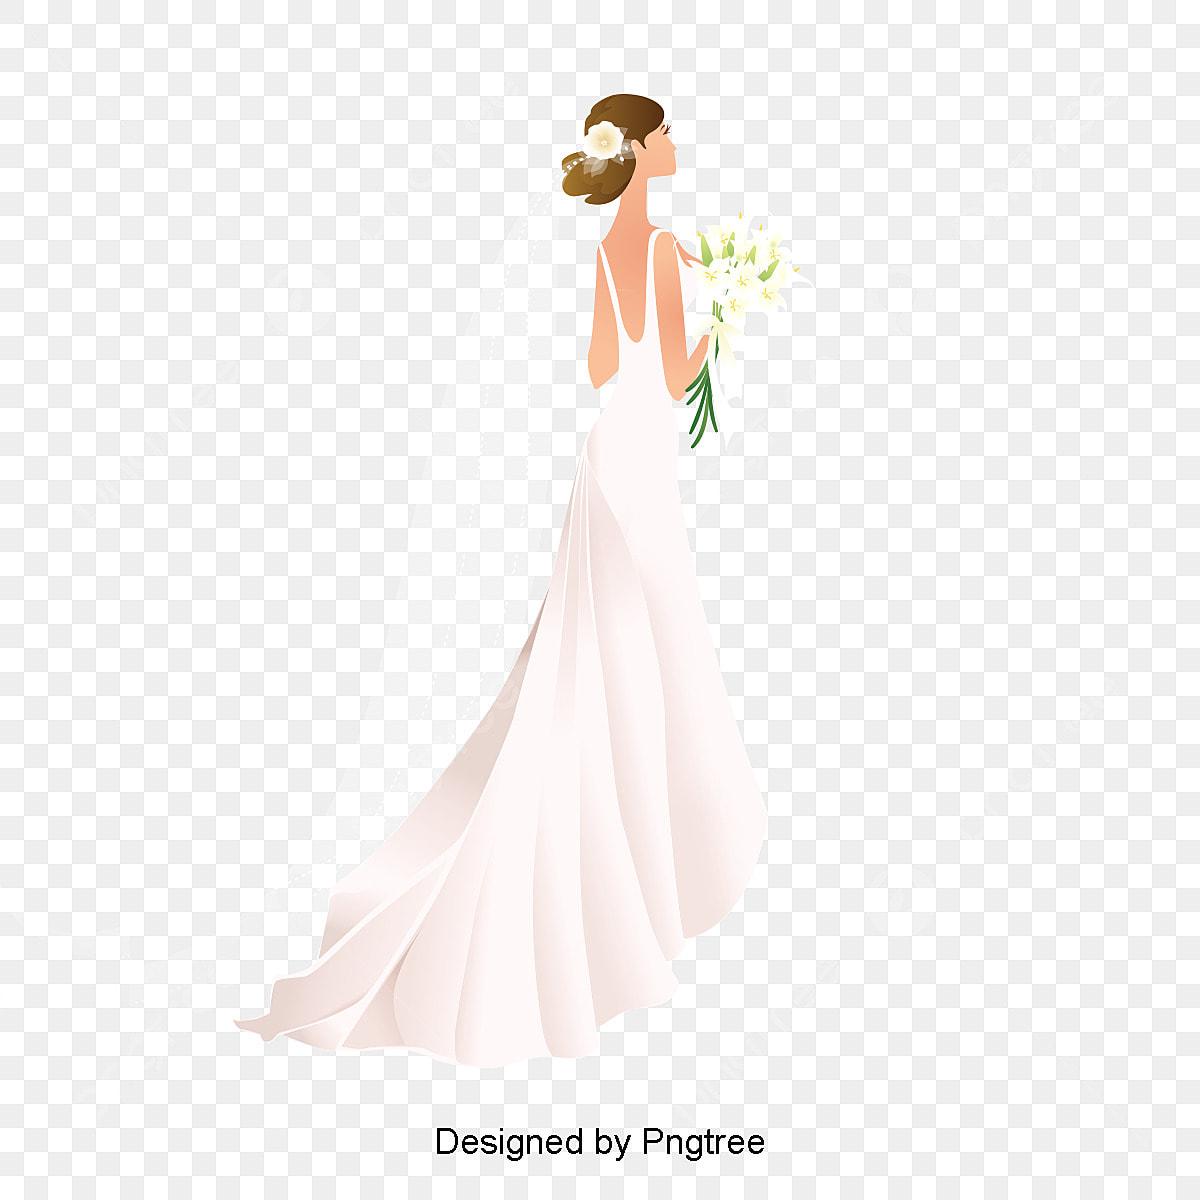 dab0d4661452e5d счастье невеста белый свадебное платье счастье невеста Изображение и  клипарт PNG